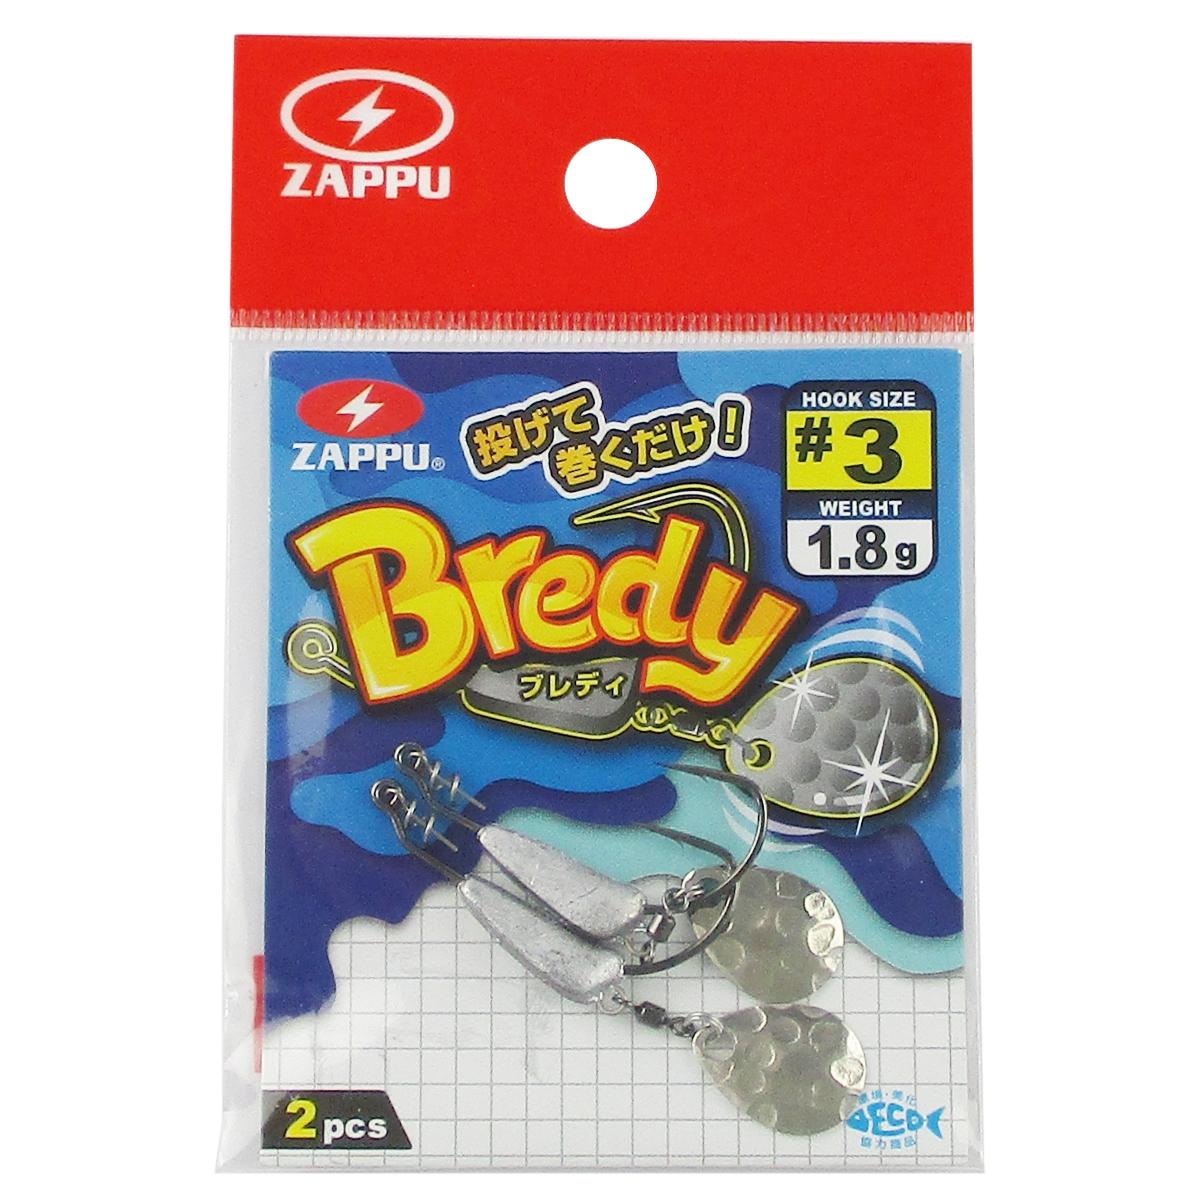 ザップ 爆安 BREDY 1.8g ゆうパケット コロラド #3 超定番